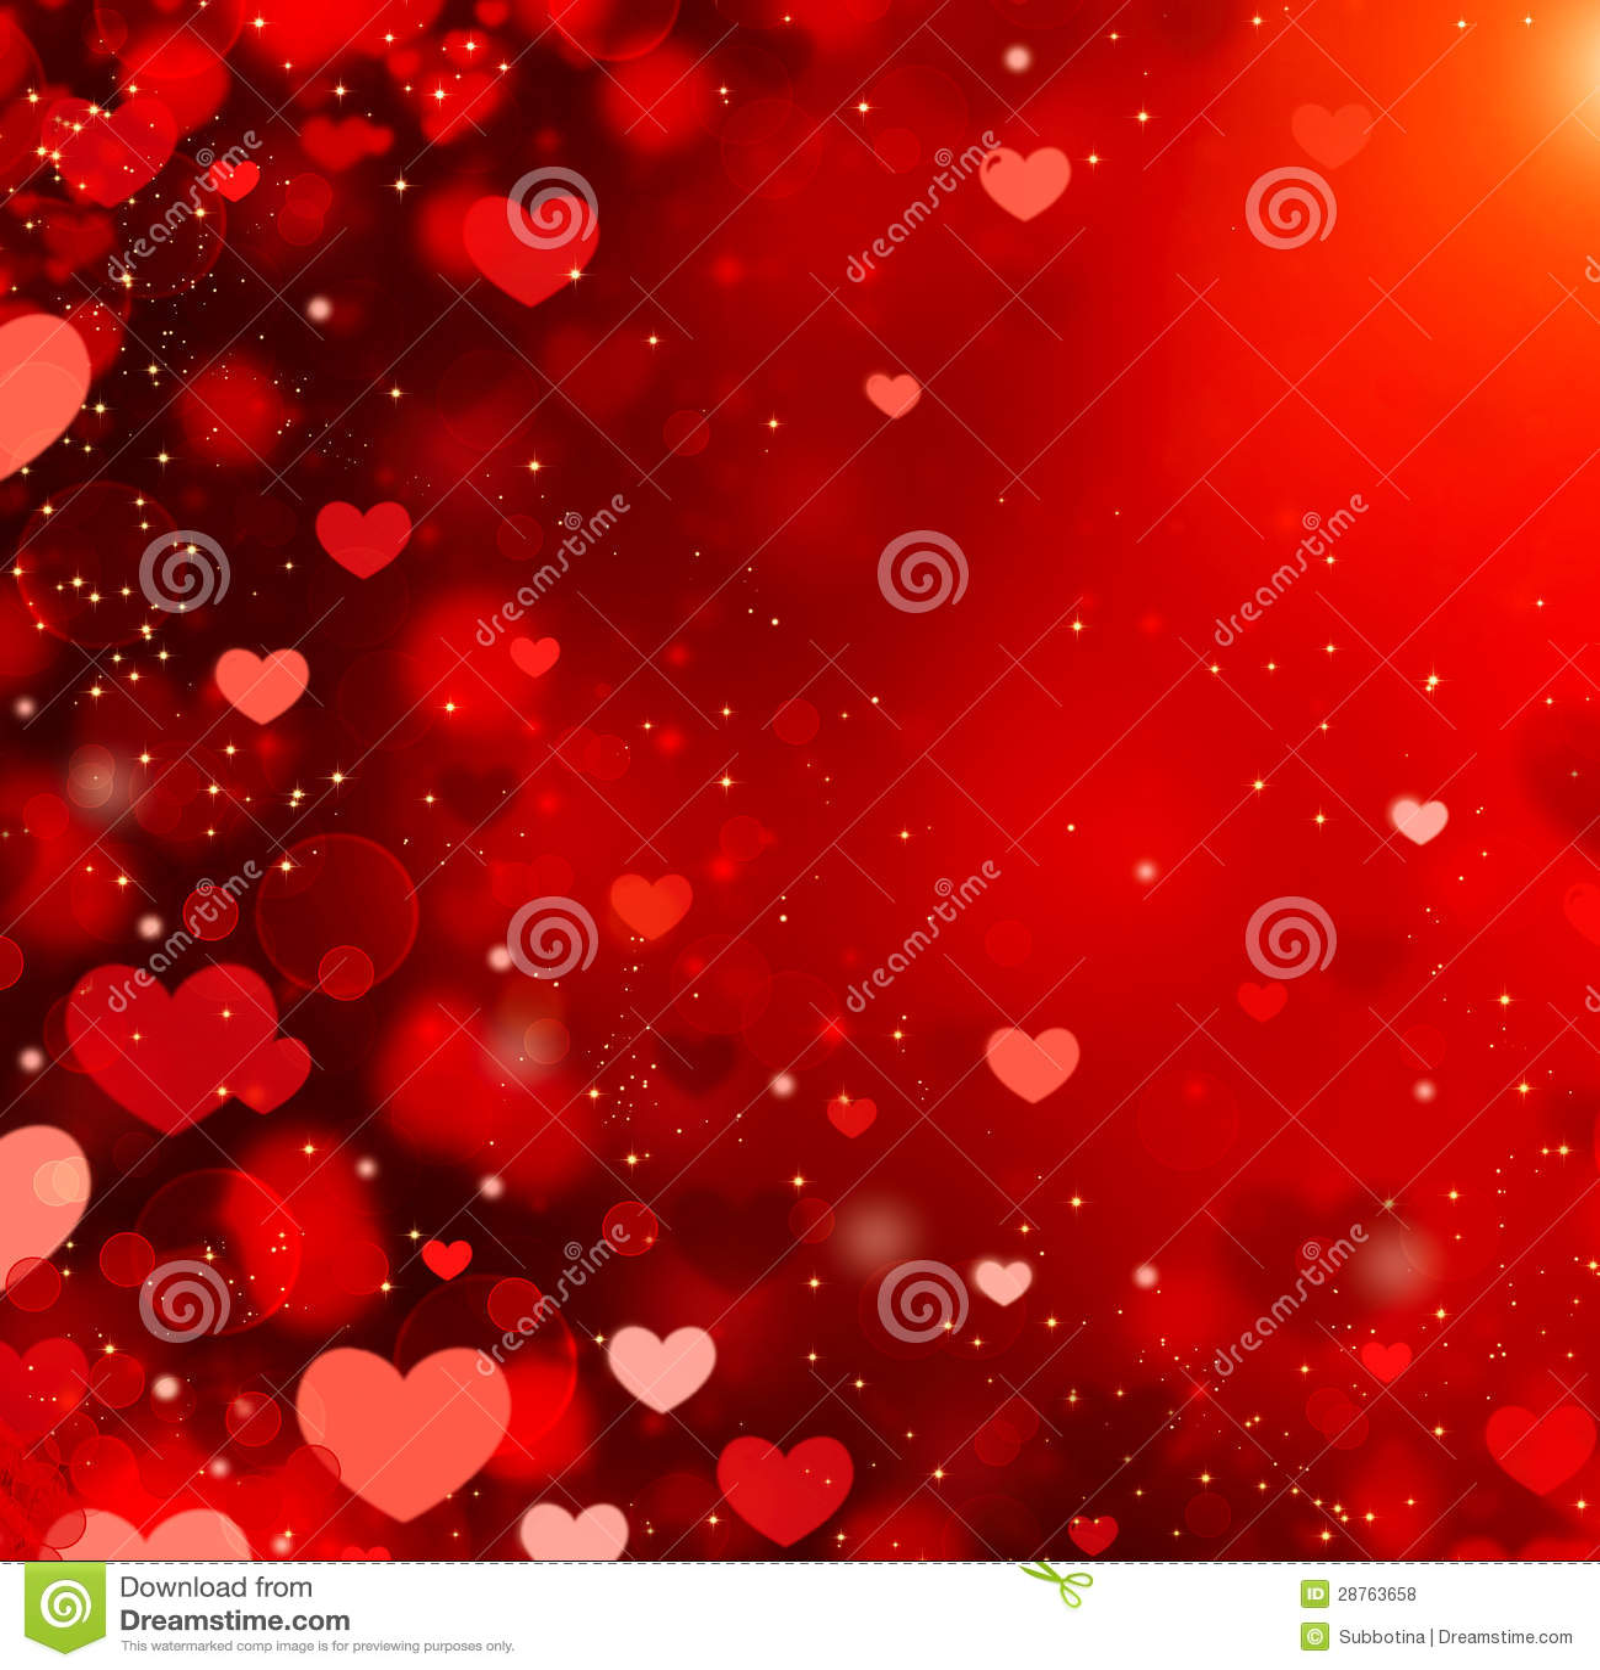 Valentine Hearts Background